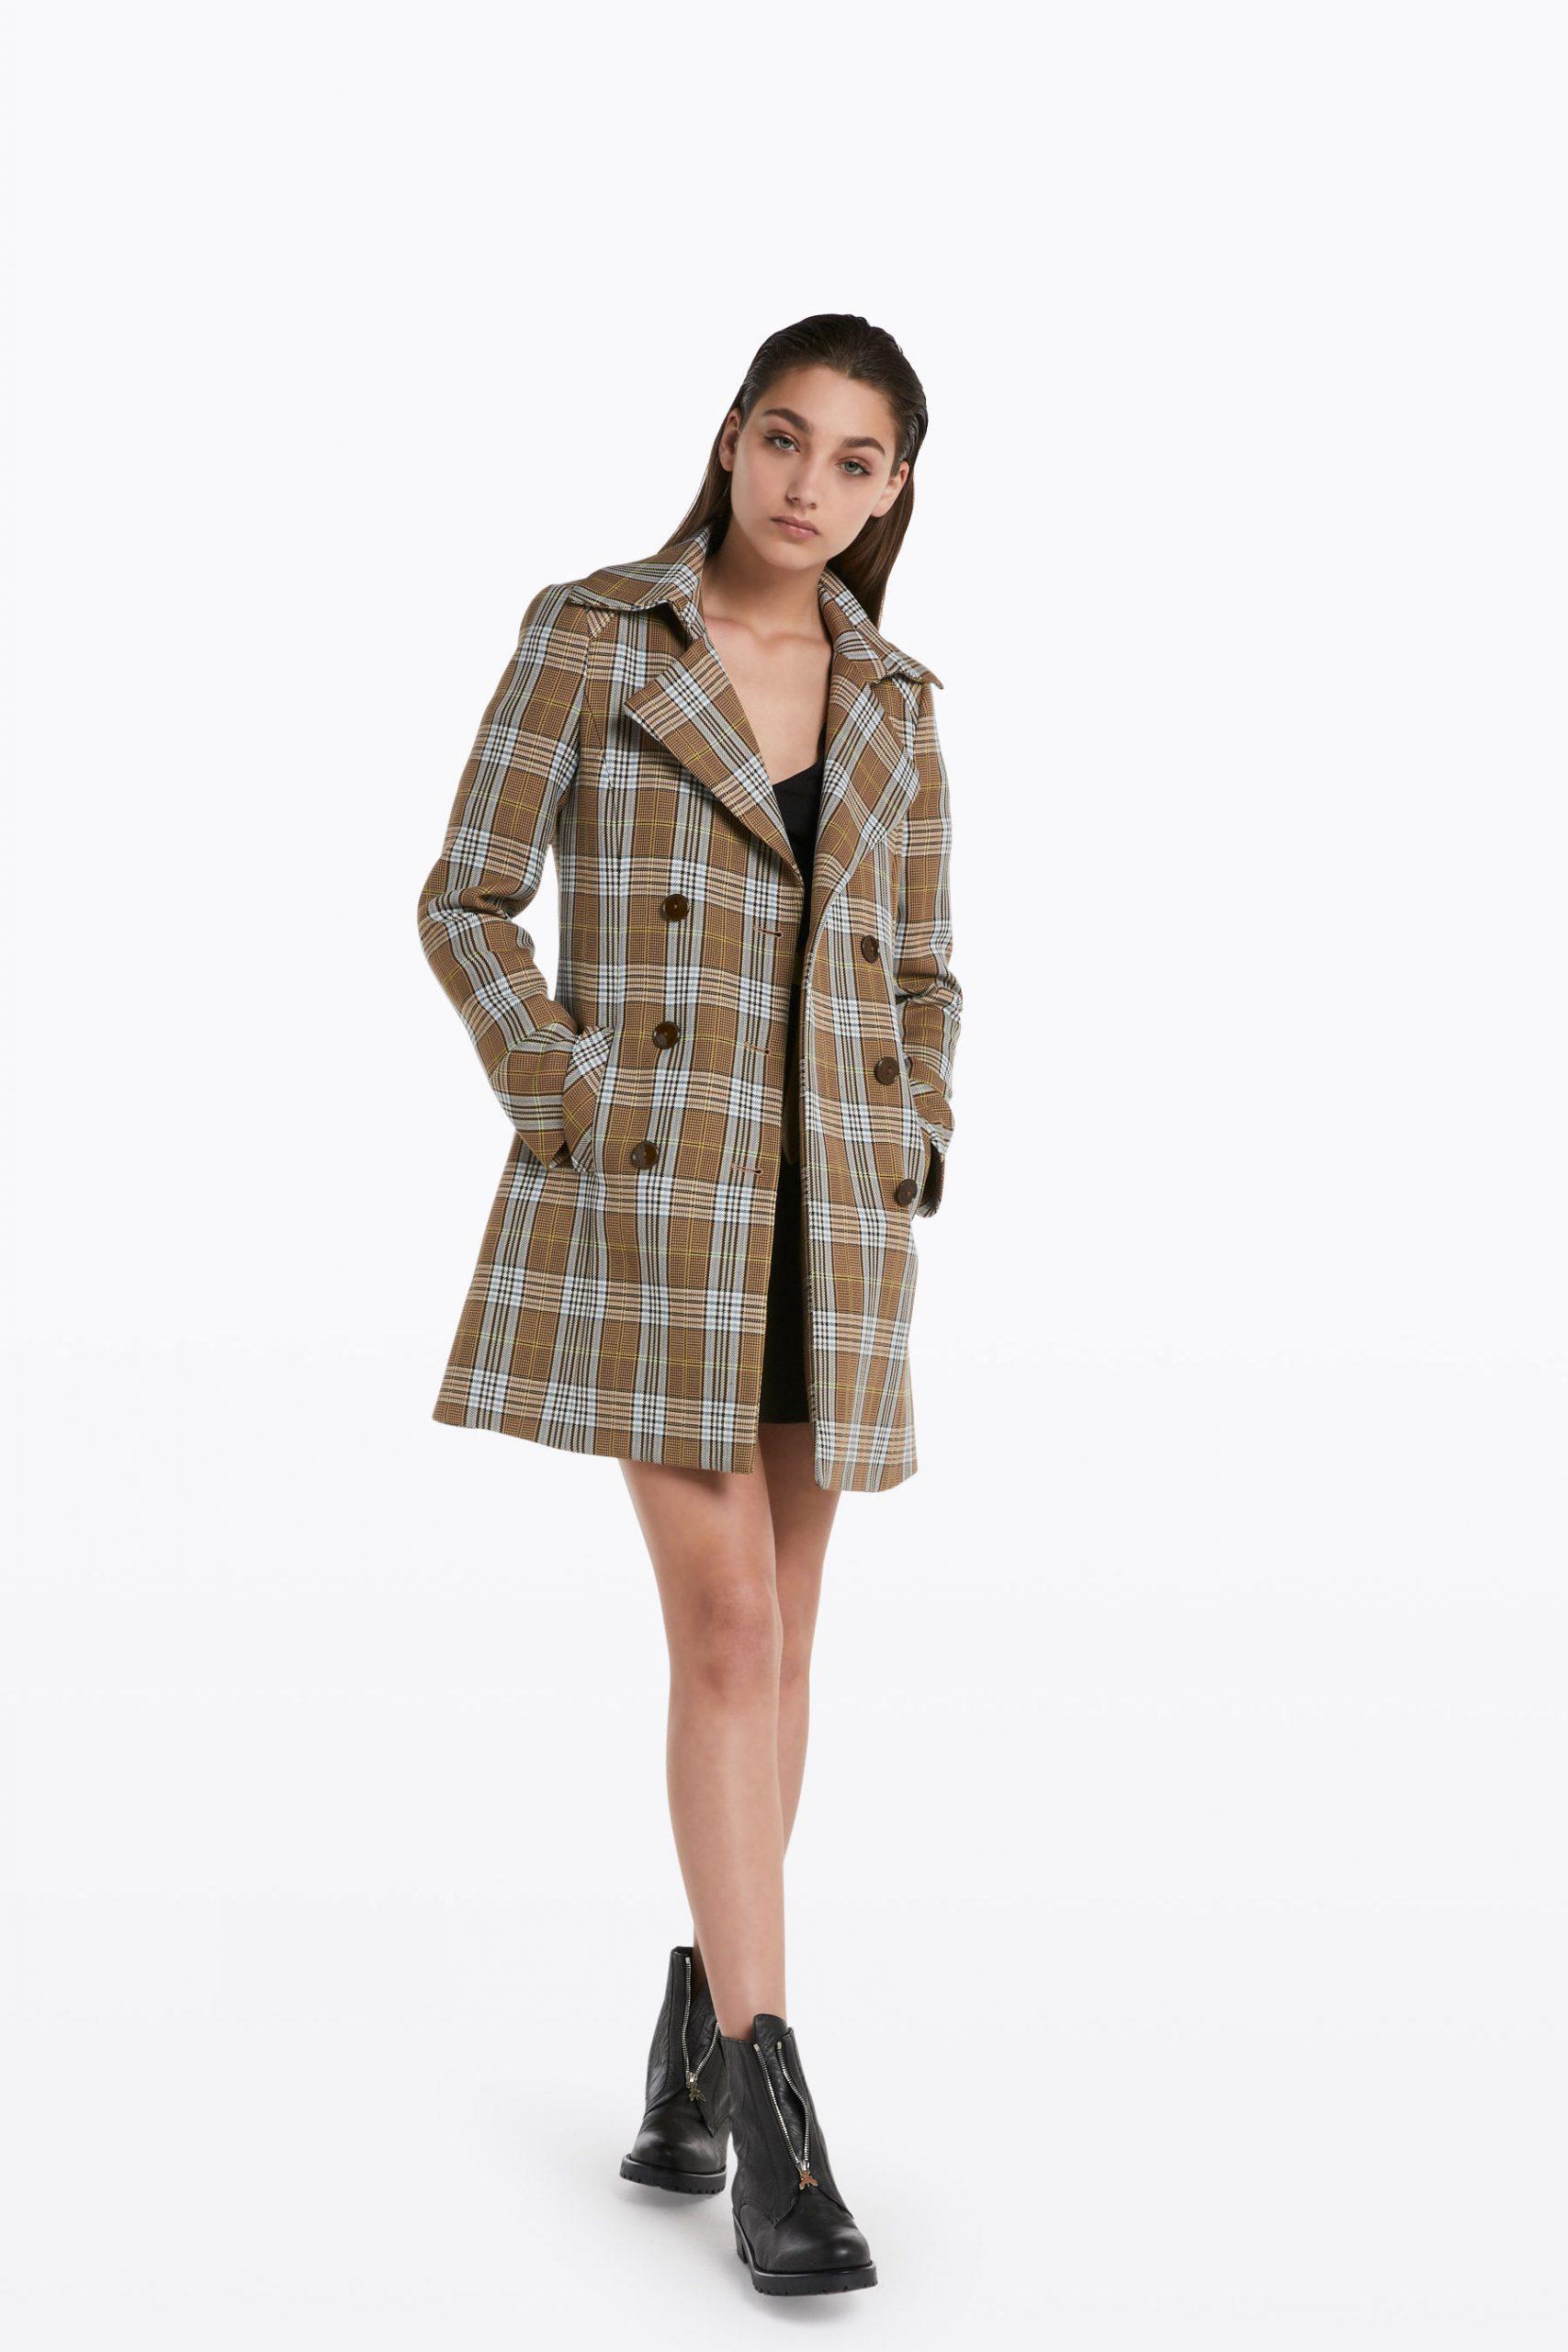 Abbigliamento Patrizia Pepe  Cappotto check doppio petto Beige Check female collezione 2020 shop the look